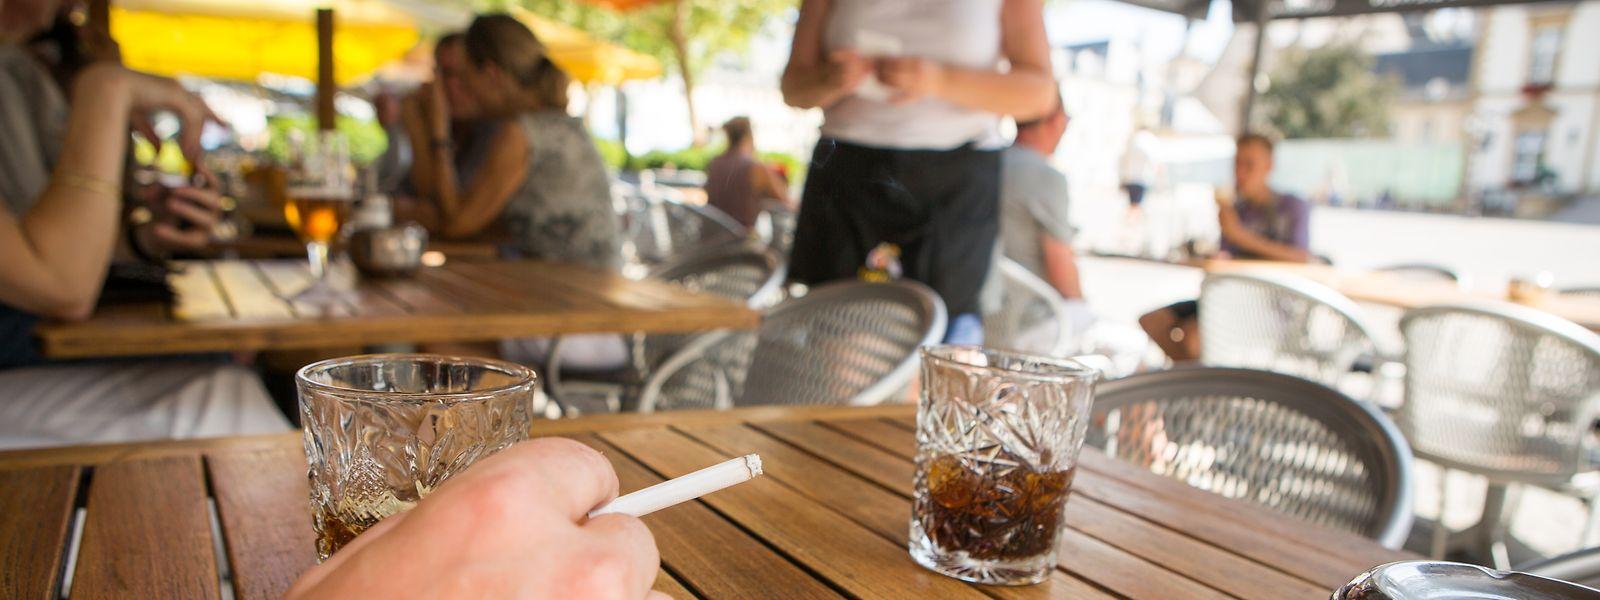 Raucher müssen draußen bleiben. Heute wird darüber debattiert, ob auch ein Rauchverbot auf den Terrassen eingeführt wird.